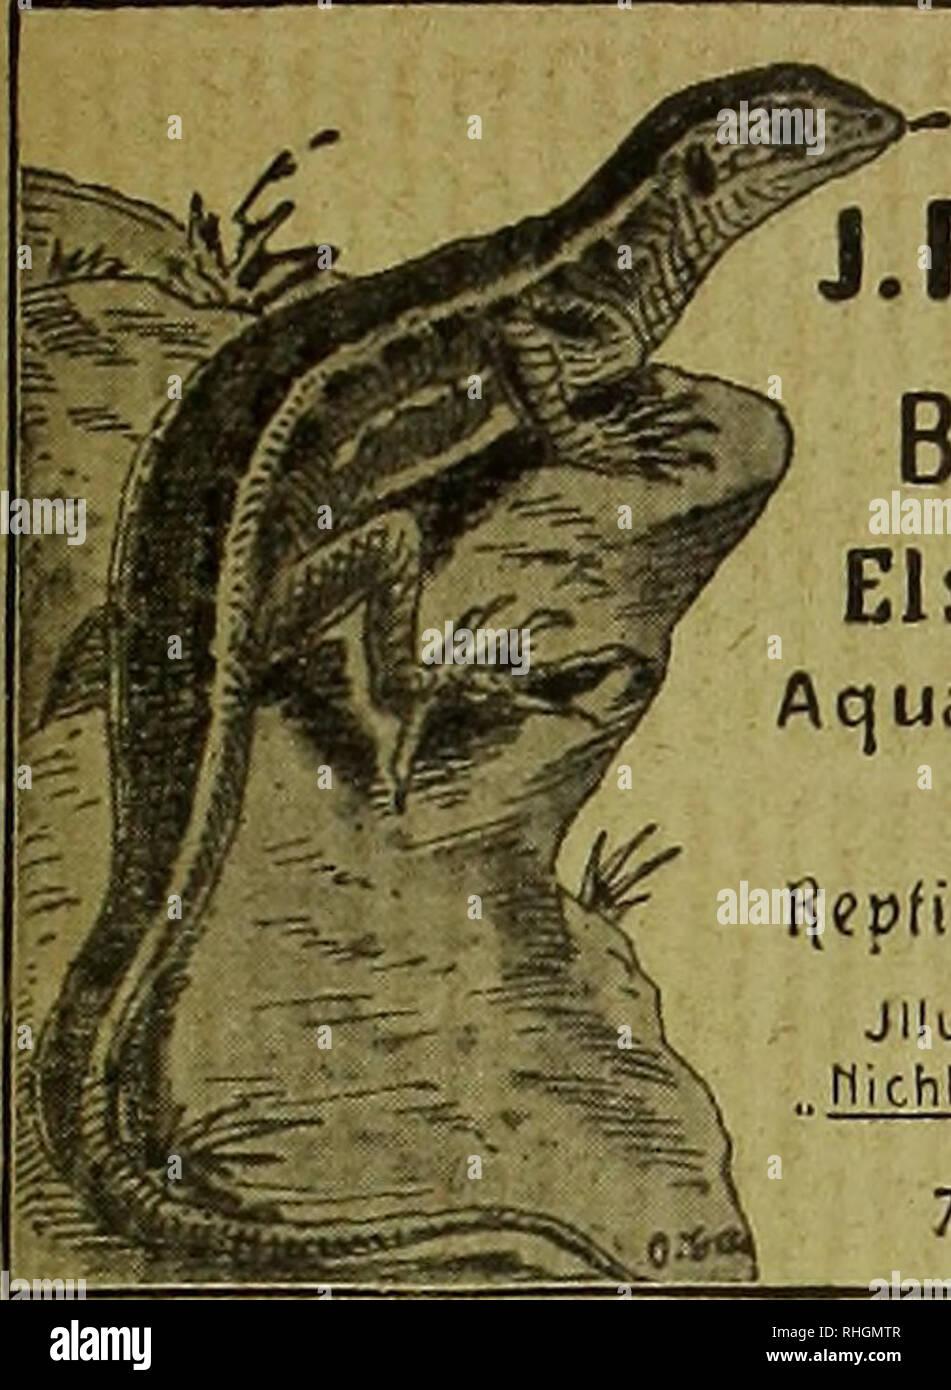 . Blätter für Aquarien- und Terrarien-Kunde. n z e i g e n. J.REICHELT Berlin N., Elsasserstr. 12. A q ua ri en Je rra rie n, Zierfische, r]epfüien, Amphibien. Jlluslr- Preislisre40Ji ,. flicht illusIr.Vorrarslisl-en Tel. ET 8131. 654 Aldrovandia vesioulosa L Aldrovande. ^ Seltenste insektenfressende Aquarienpflanze mit Venus- fliegenfalle ähnlichen Unterwasser- blättern, ä Stück 2 Mk. Oiivirandrn, fenestralis major, Gitter- pflanze v. Madagaskar, ä St. 10 Mk. Aerosticliuiii aureuni, harter immer- grüner Wasserfarn, ä St. 2.50 Mk. H. Henkel, Hofl., Darmstadt.. 0. Eggeling, New-York, Importeur  - Stock Image